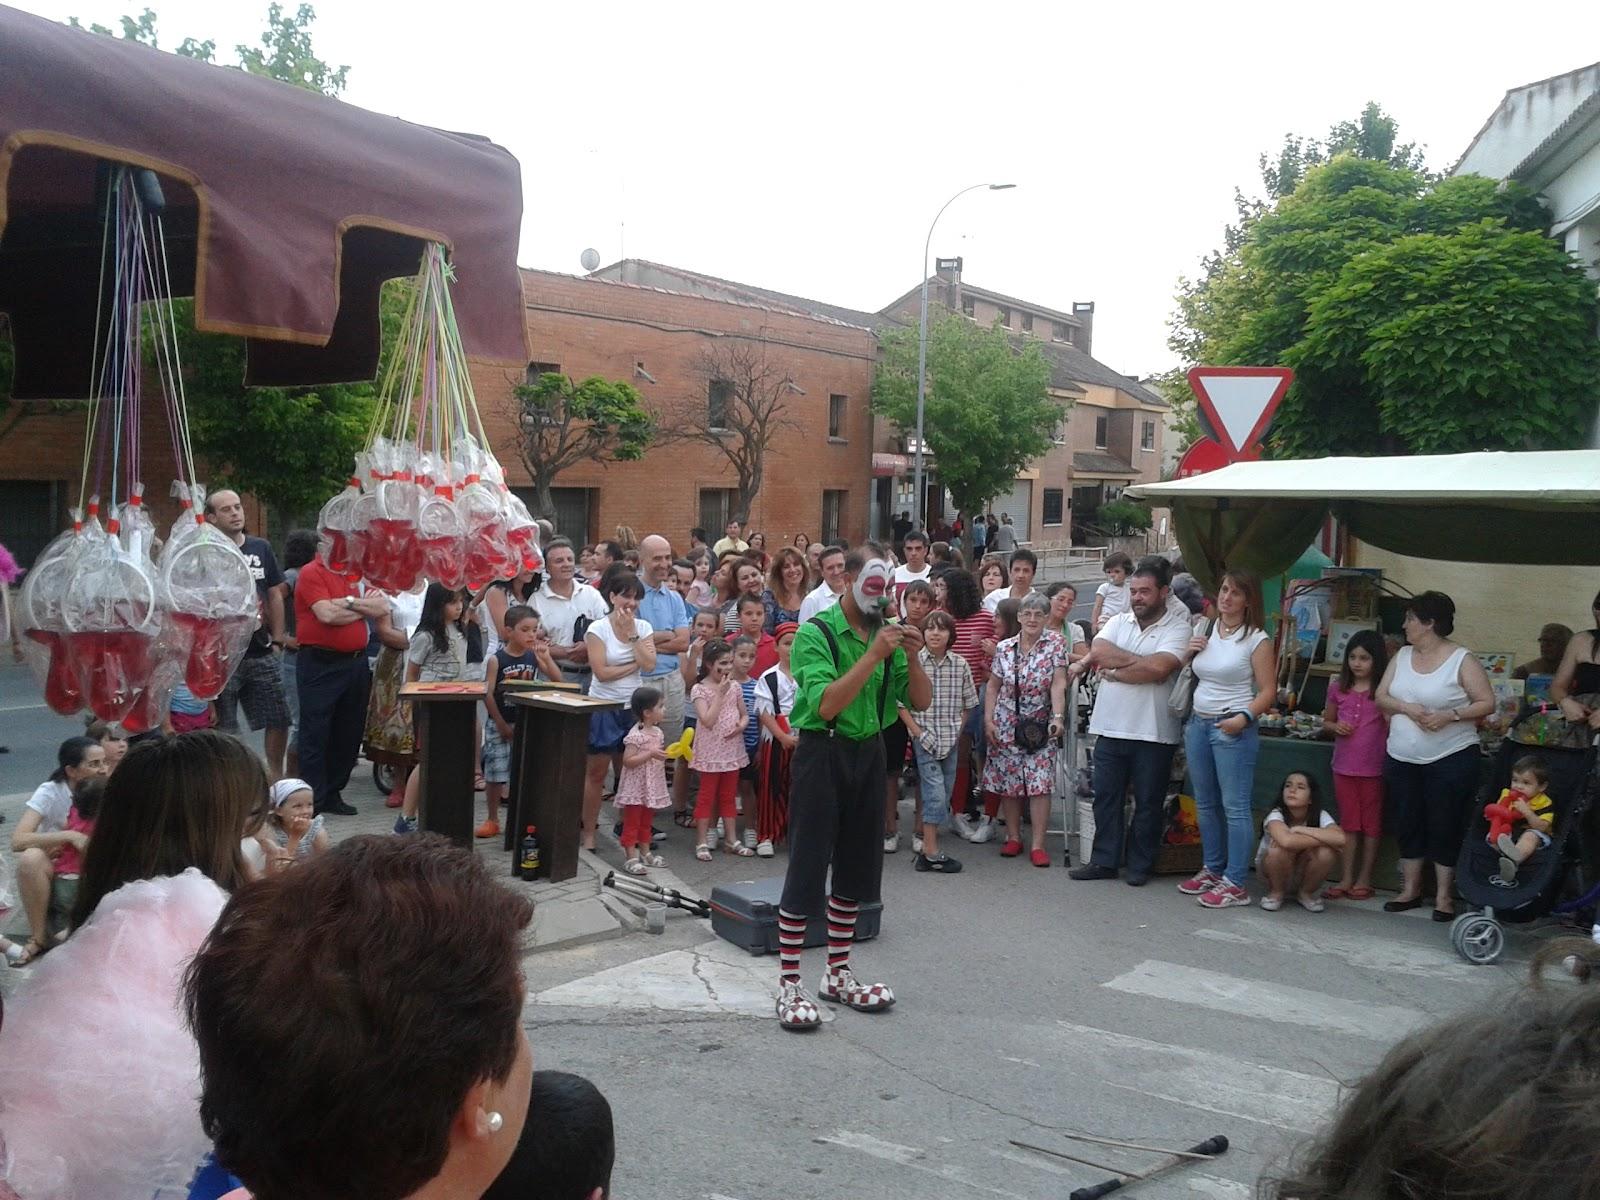 Los mercados de narnia 1 mercado medieval de los hueros - Los hueros villalbilla ...